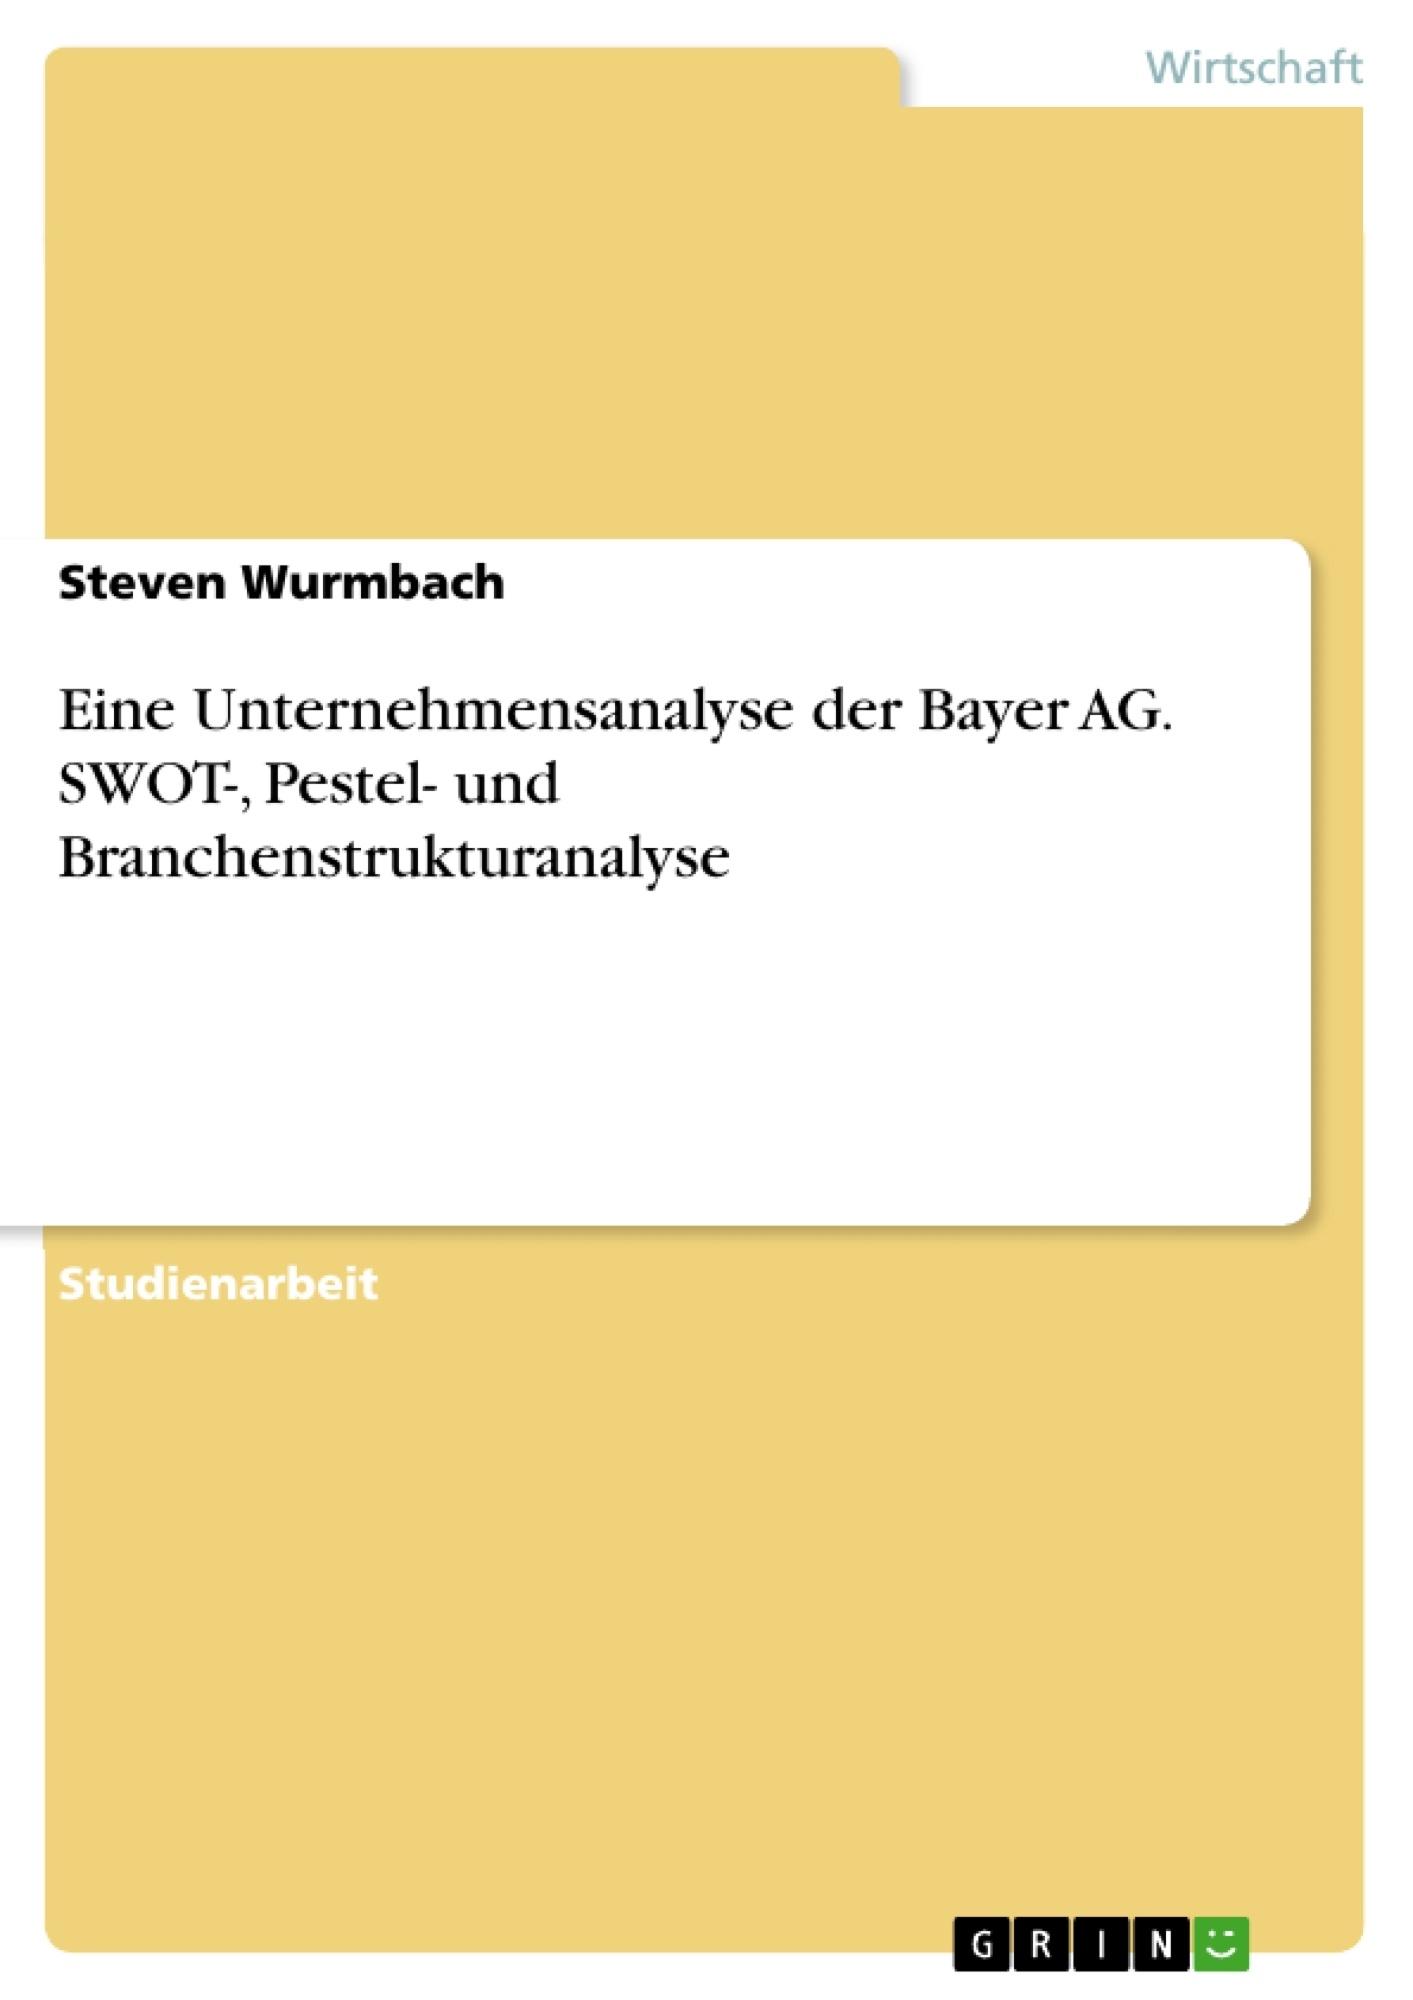 Titel: Eine Unternehmensanalyse der Bayer AG. SWOT-, Pestel- und Branchenstrukturanalyse